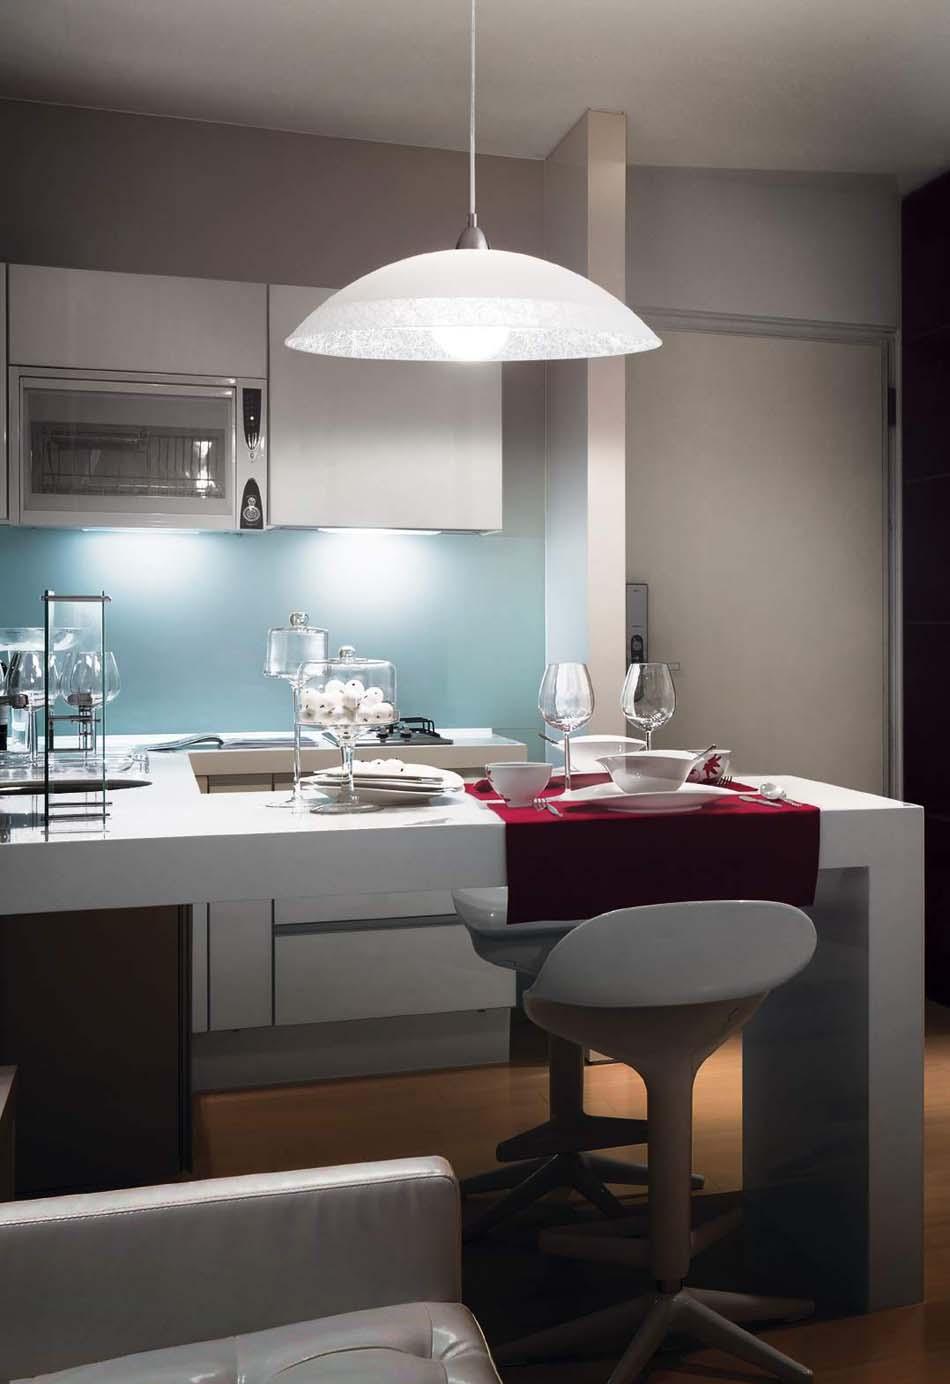 Lampade 53 sospese Ideal Lux Lana – Toscana Arredamenti